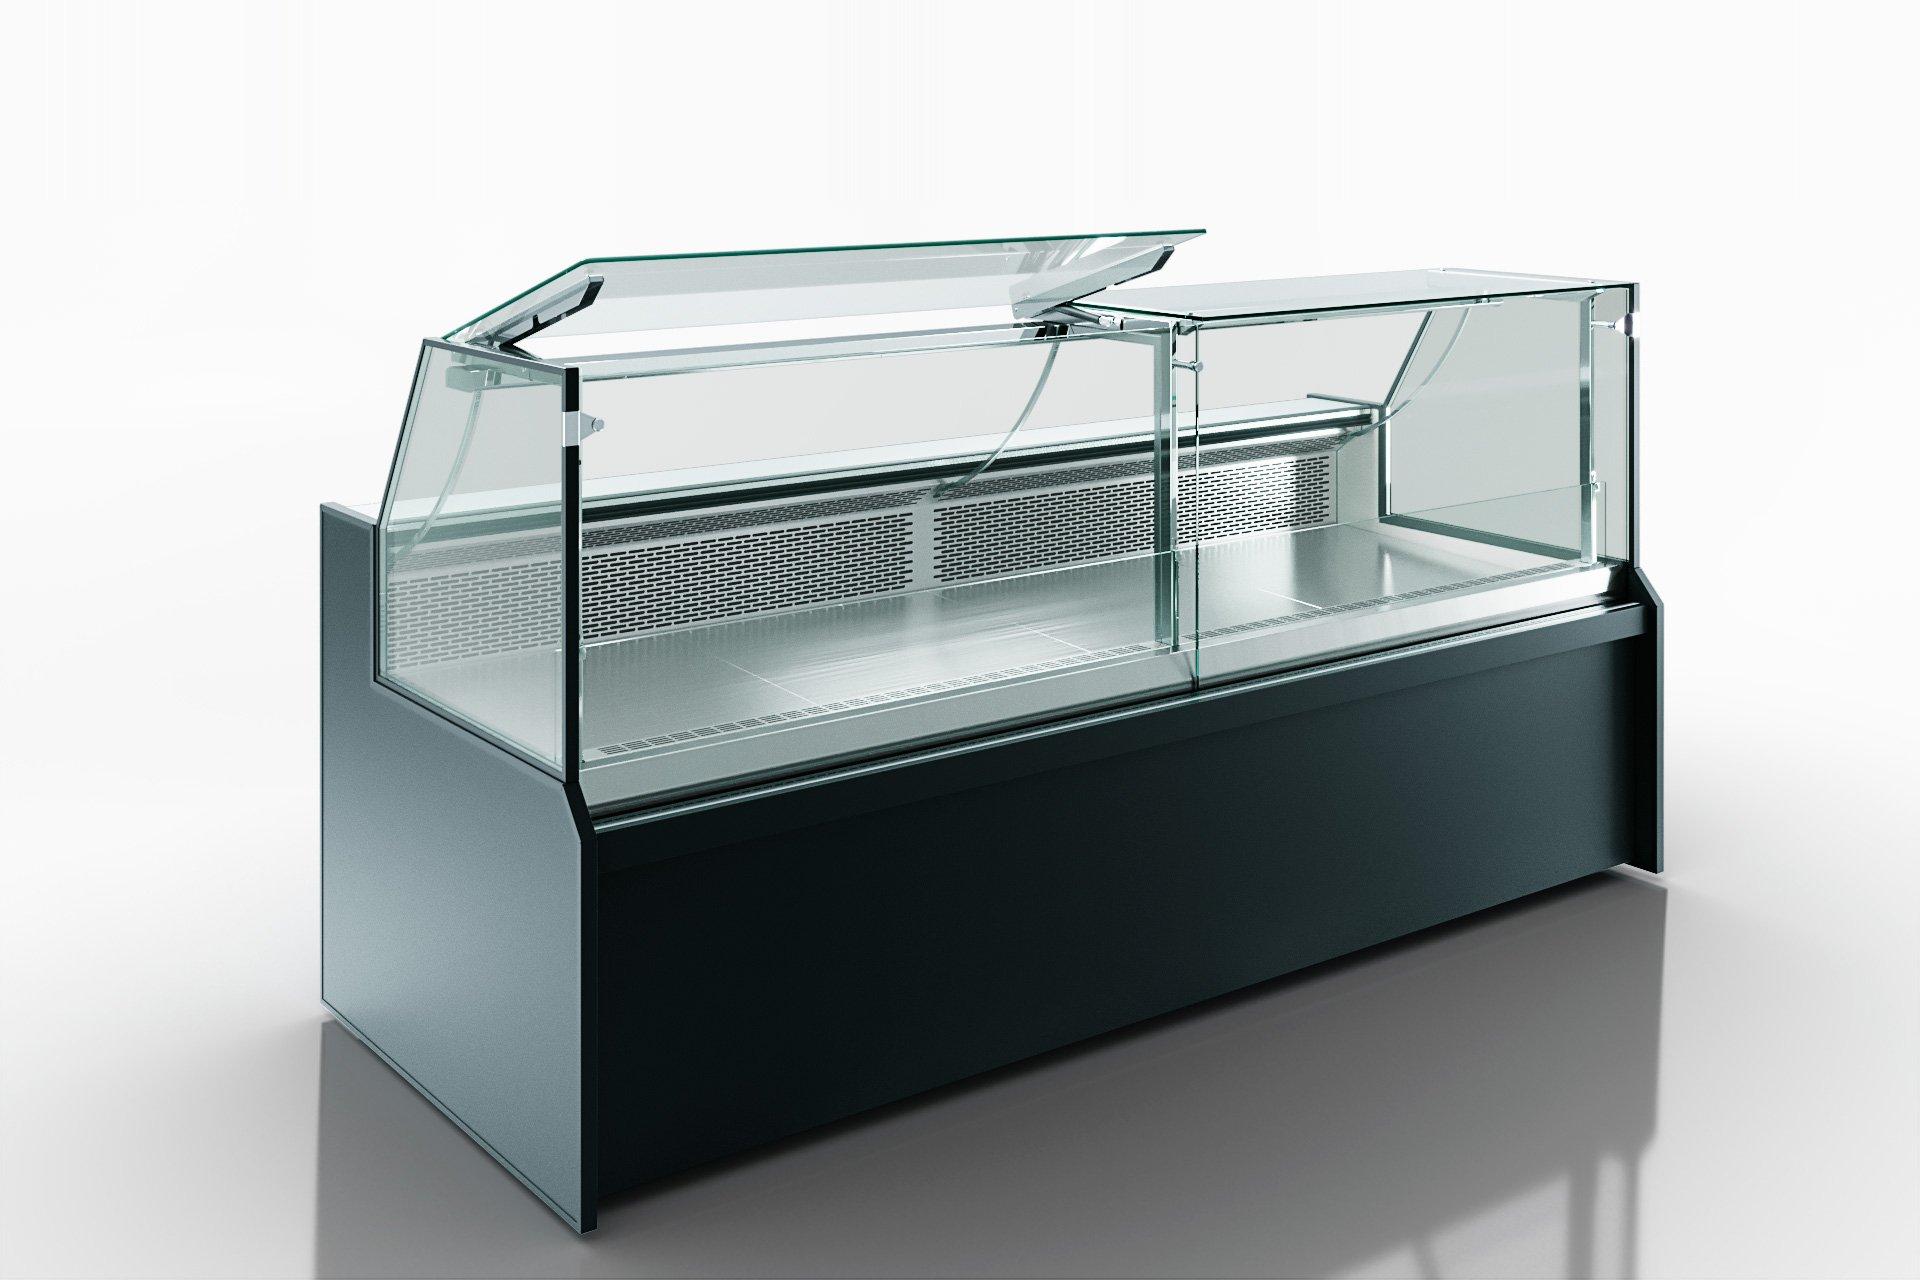 Холодильна вітрина Missouri MC 100 deli PP 130-DBM/DBA